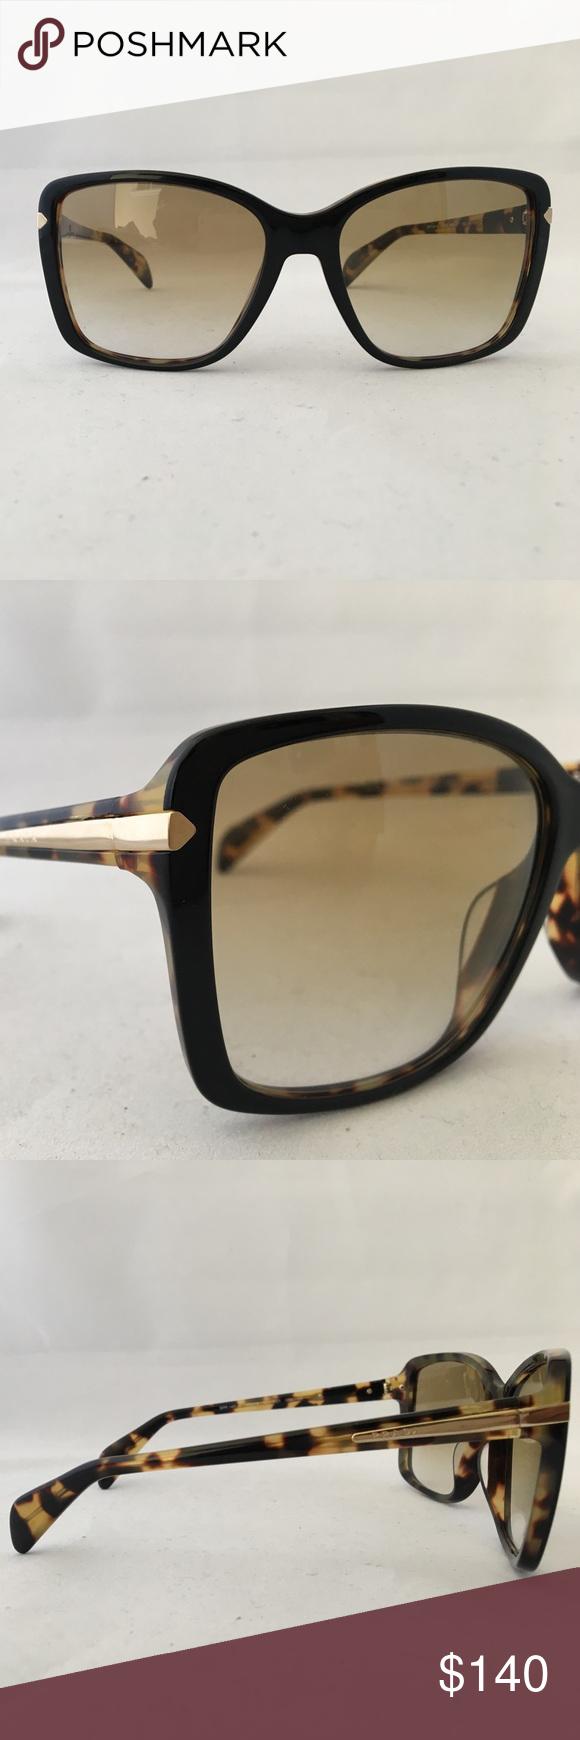 Prada sunglasses New Prada sunglasses does not ship with original!  case but new! model no. Is spr14p I ship fast  Prada Accessories Sunglasses